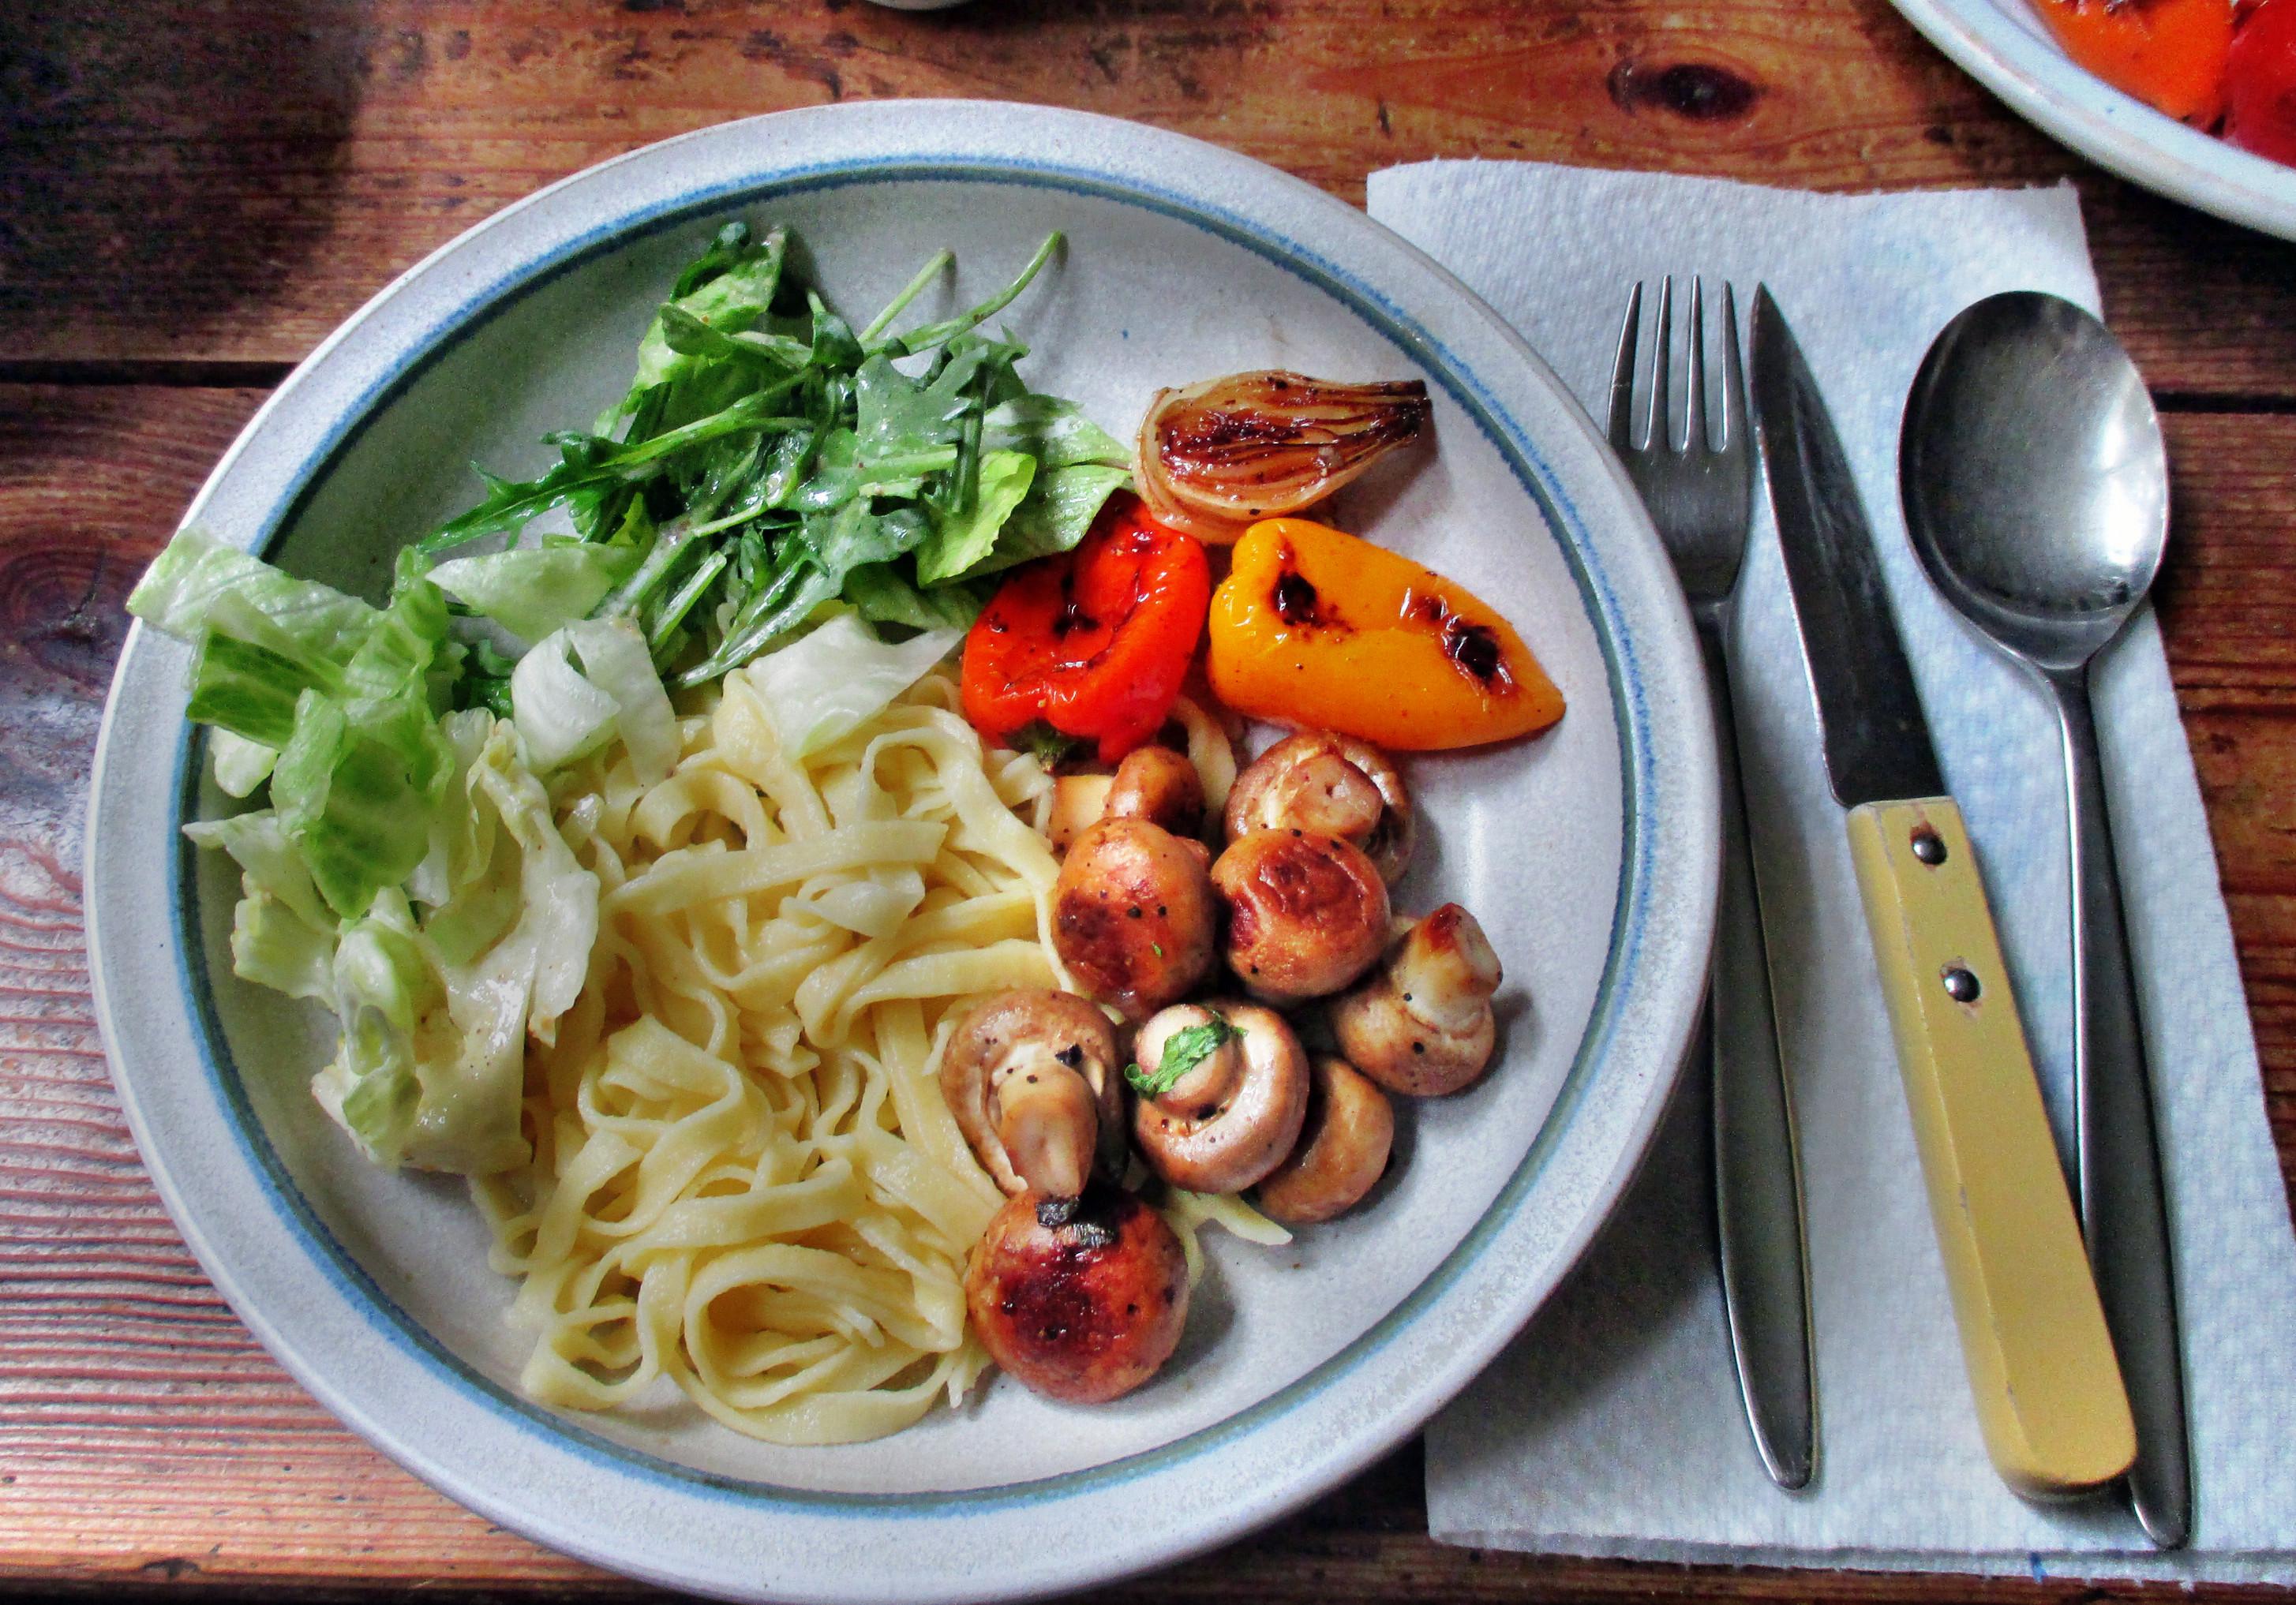 selbstgemachte Nudeln,Champignon,Bratpaprika,Salat -21.6.15   (1)